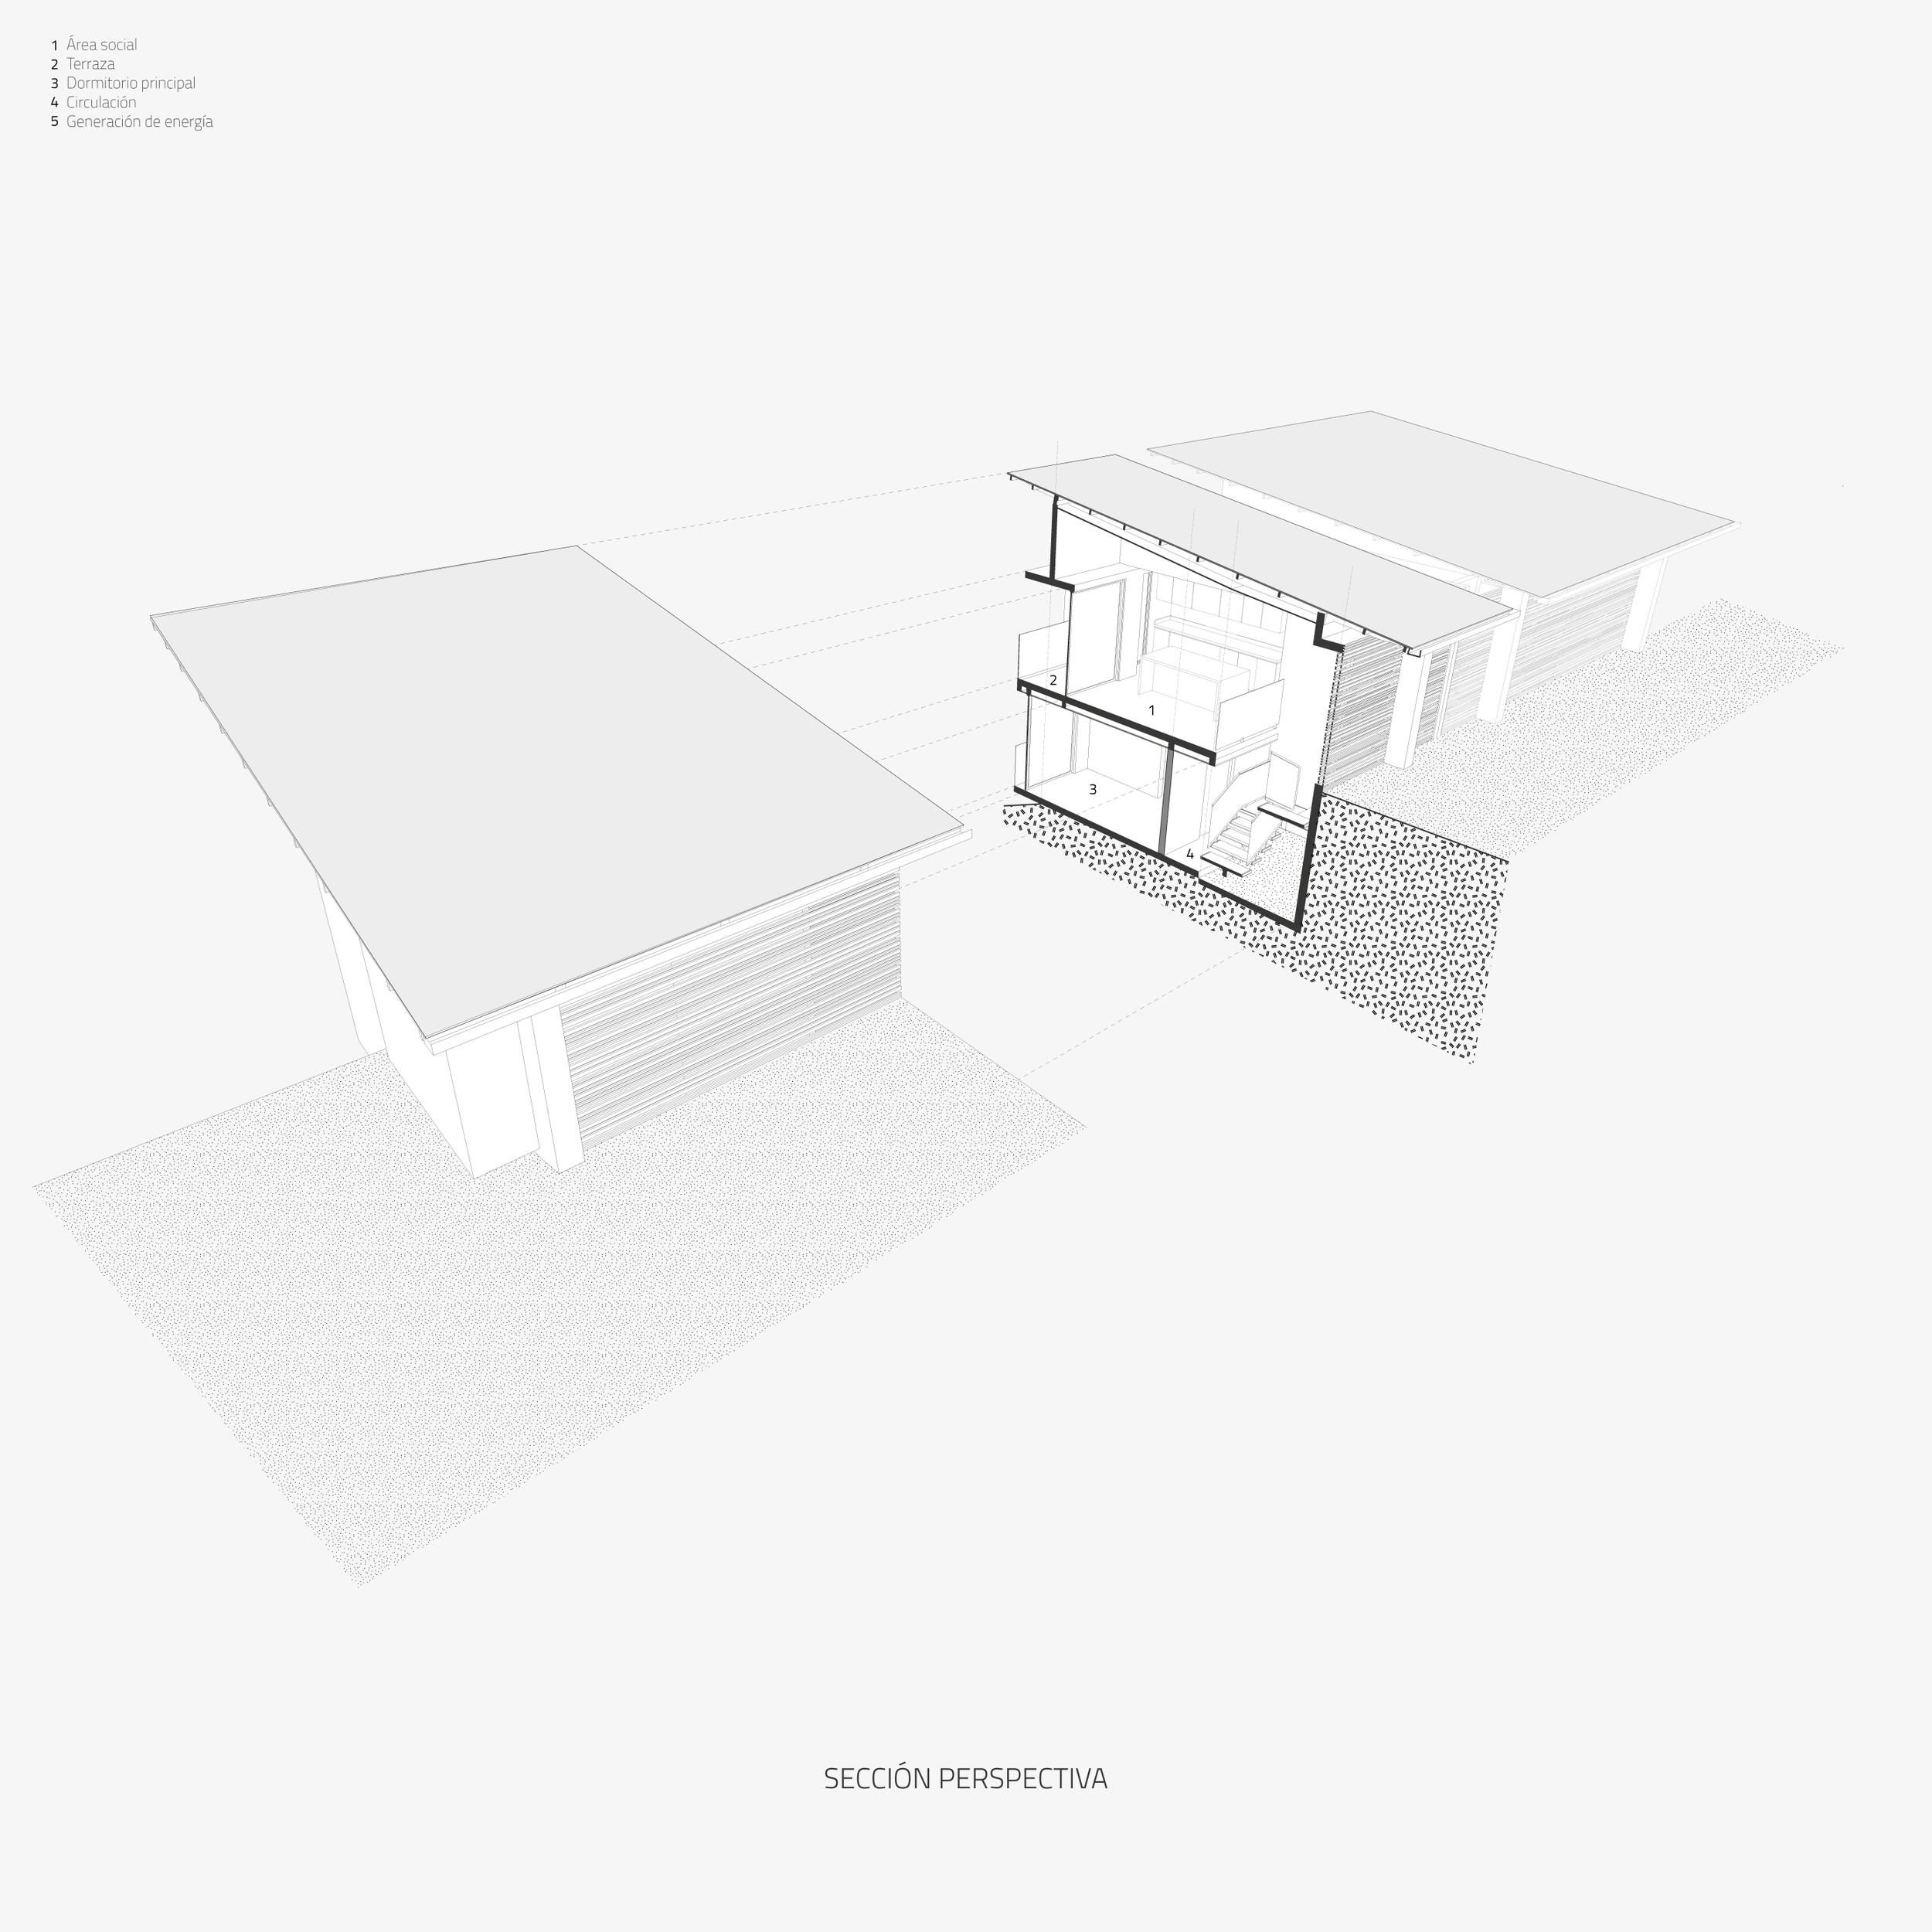 00_Seccion-Perspectiva.png